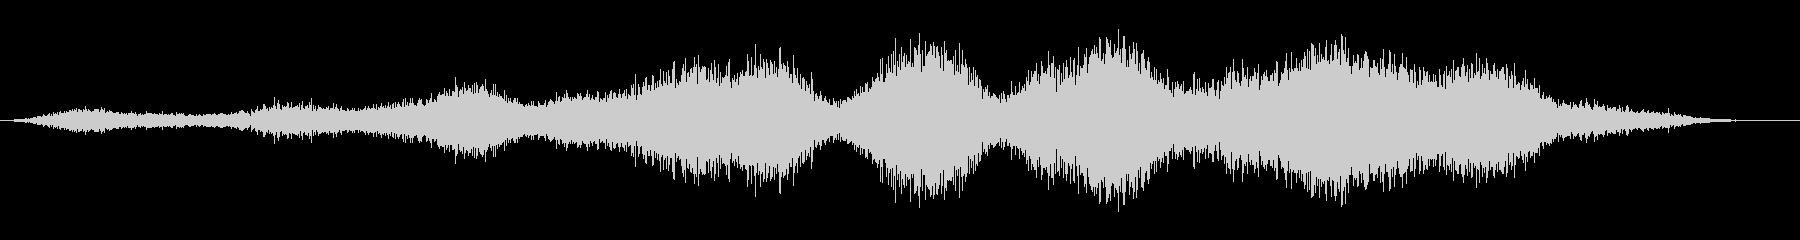 ホロー・スワーリング・フーシュ5の未再生の波形